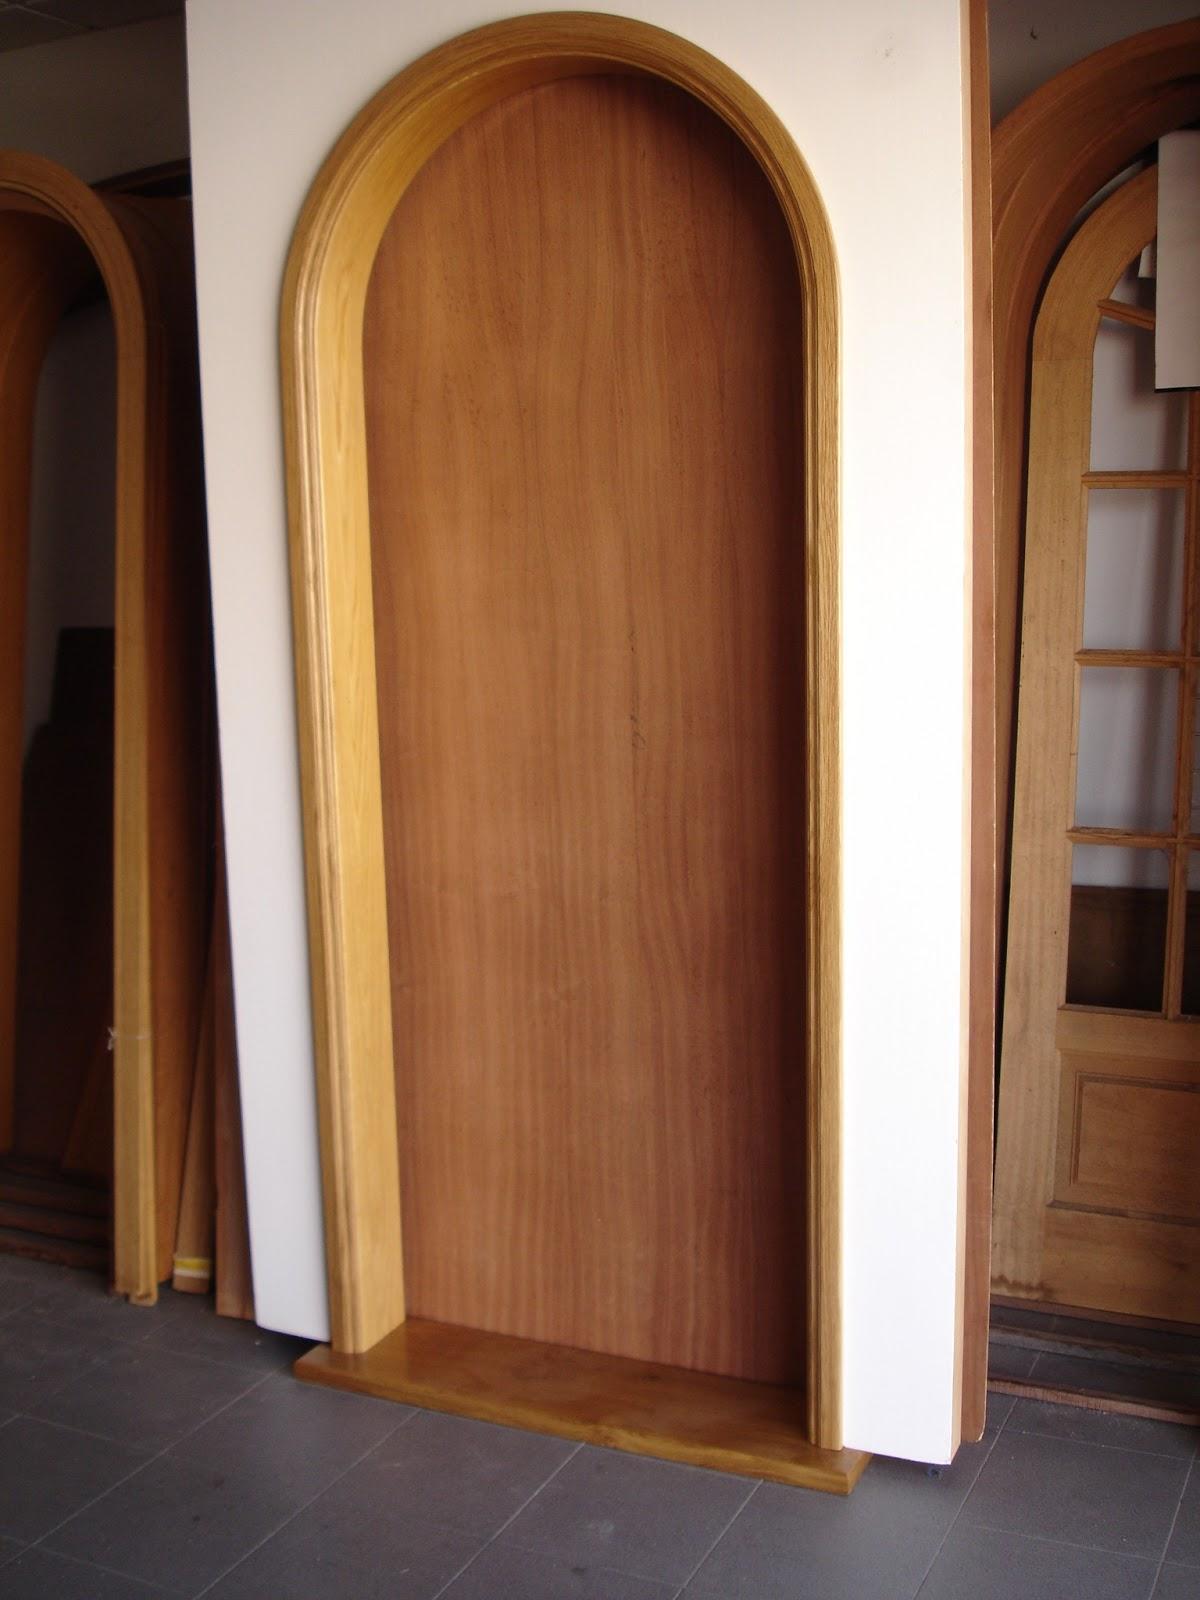 #986E33 Porta redonda inteira em madeira maciça. 1372 Preços De Janelas De Madeira Em Volta Redonda